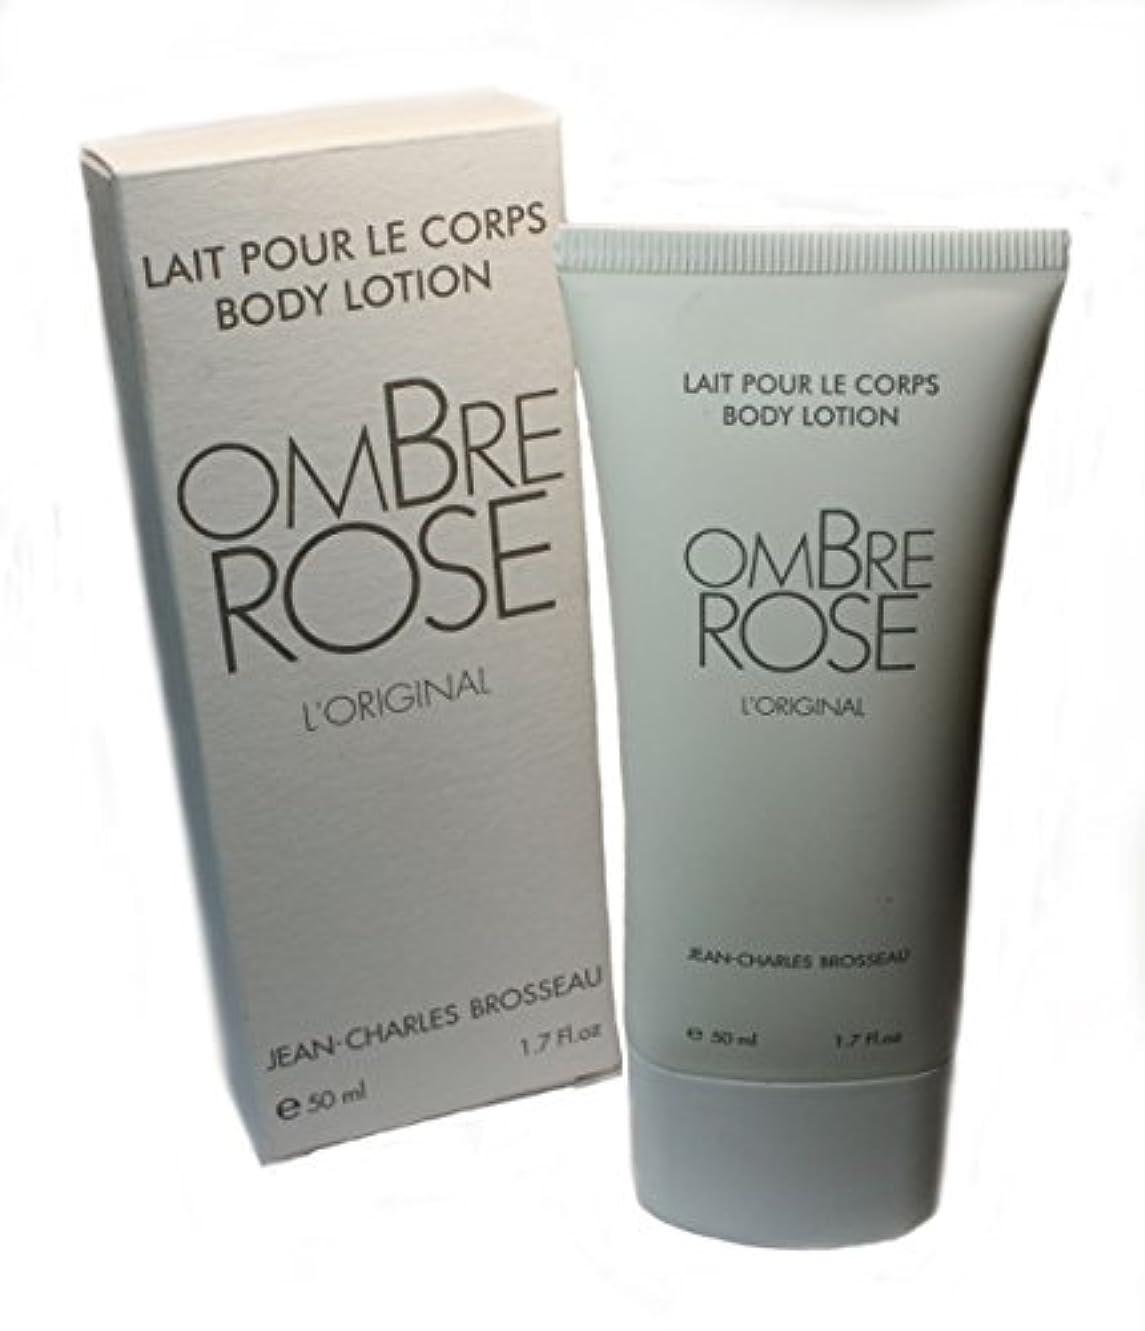 ピカソ回復するぬいぐるみJean-Charles Brosseau Ombre Rose L'Original Body Lotion(ジャン シャルル ブロッソー オンブル ローズ オリジナル ボディーローション)50ml